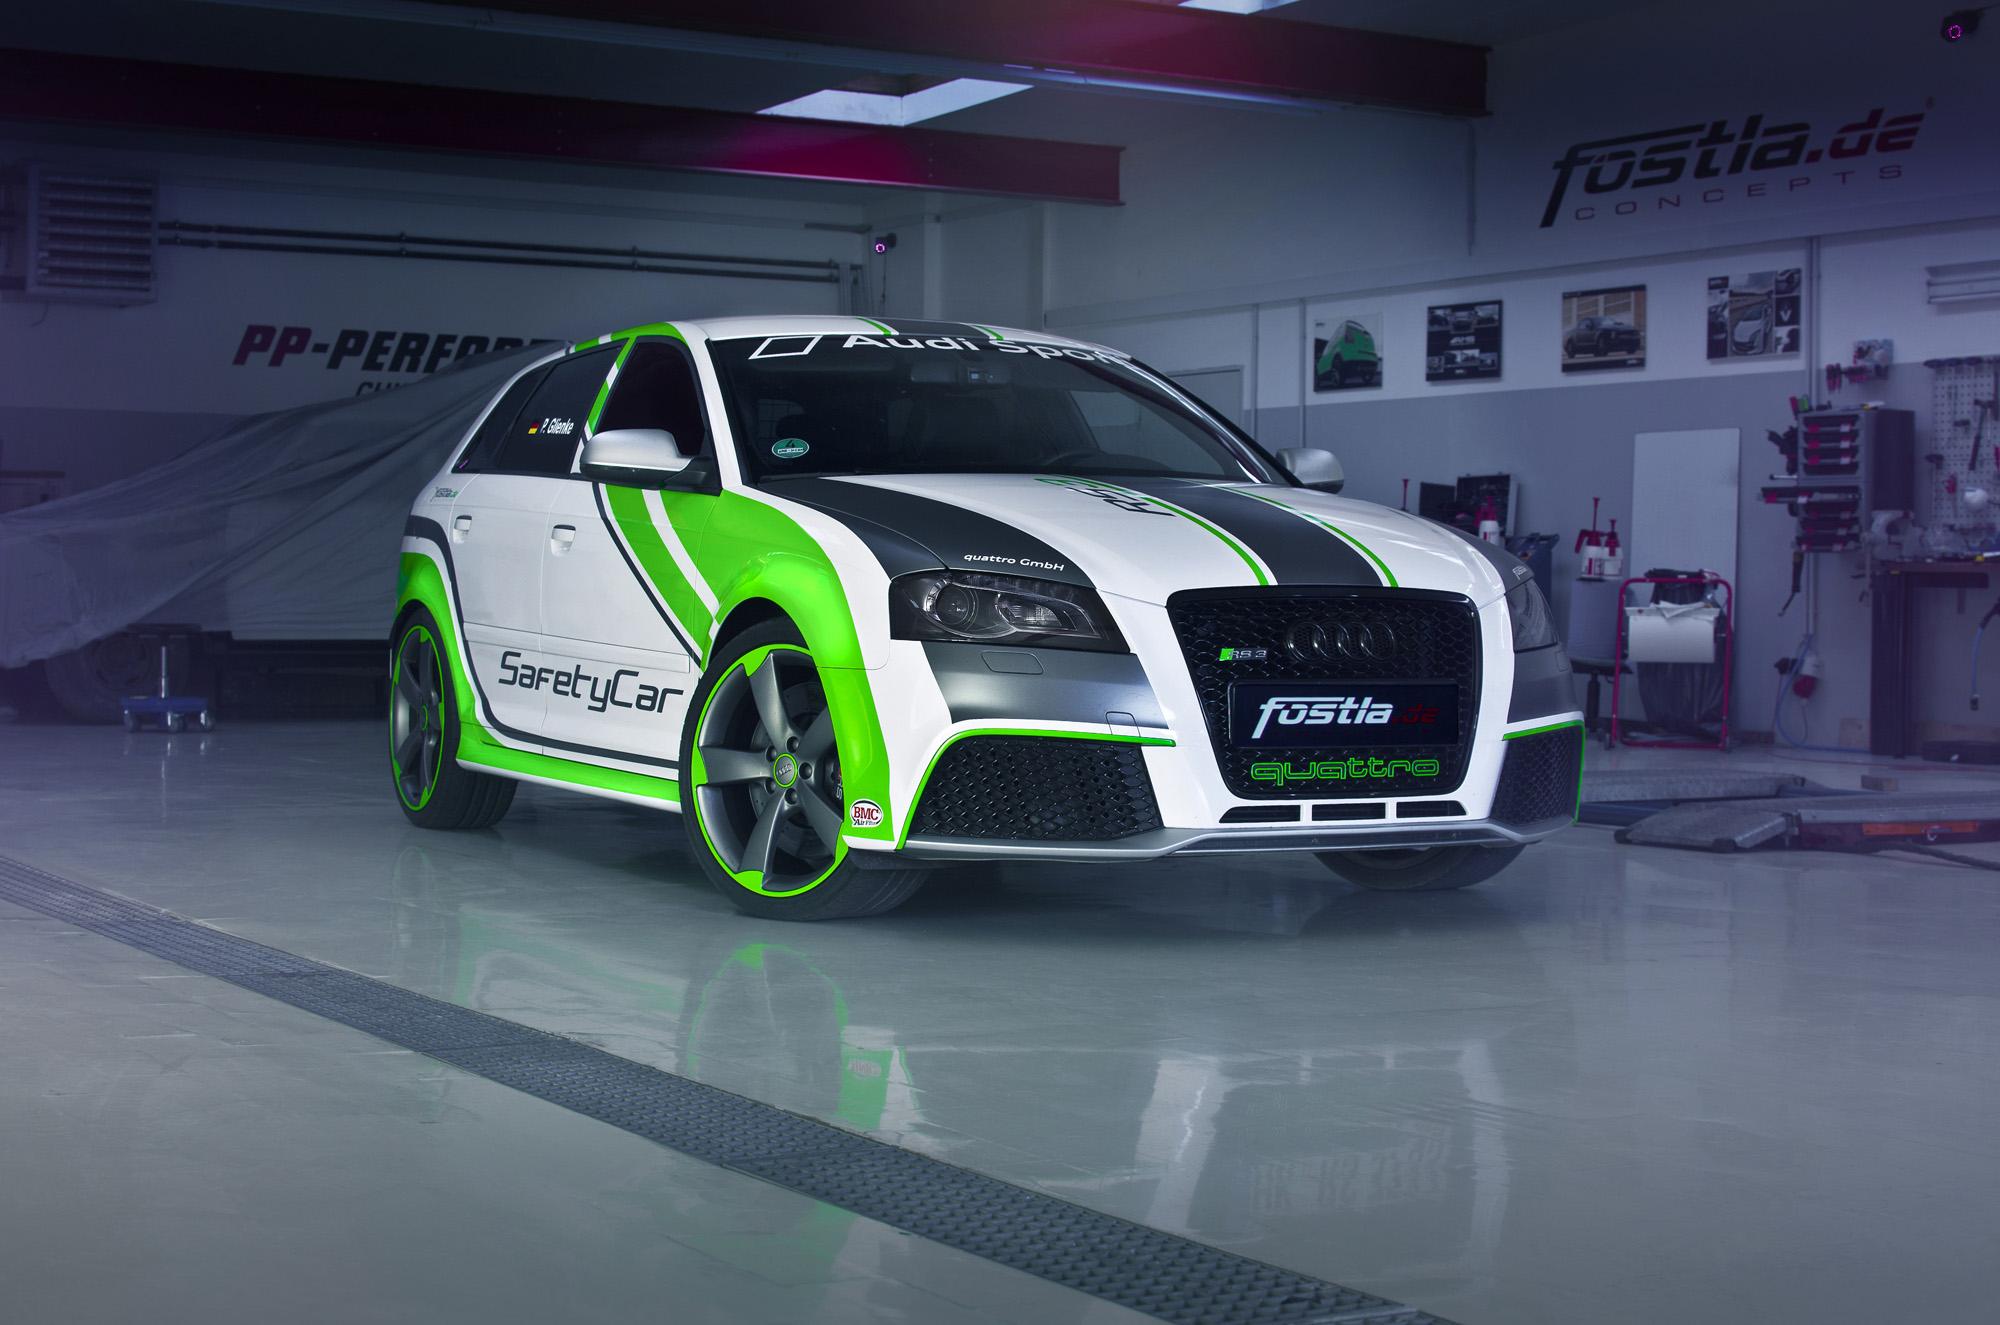 Audi Tuning News Und Berichte Zu Den Audi Rs Modellen